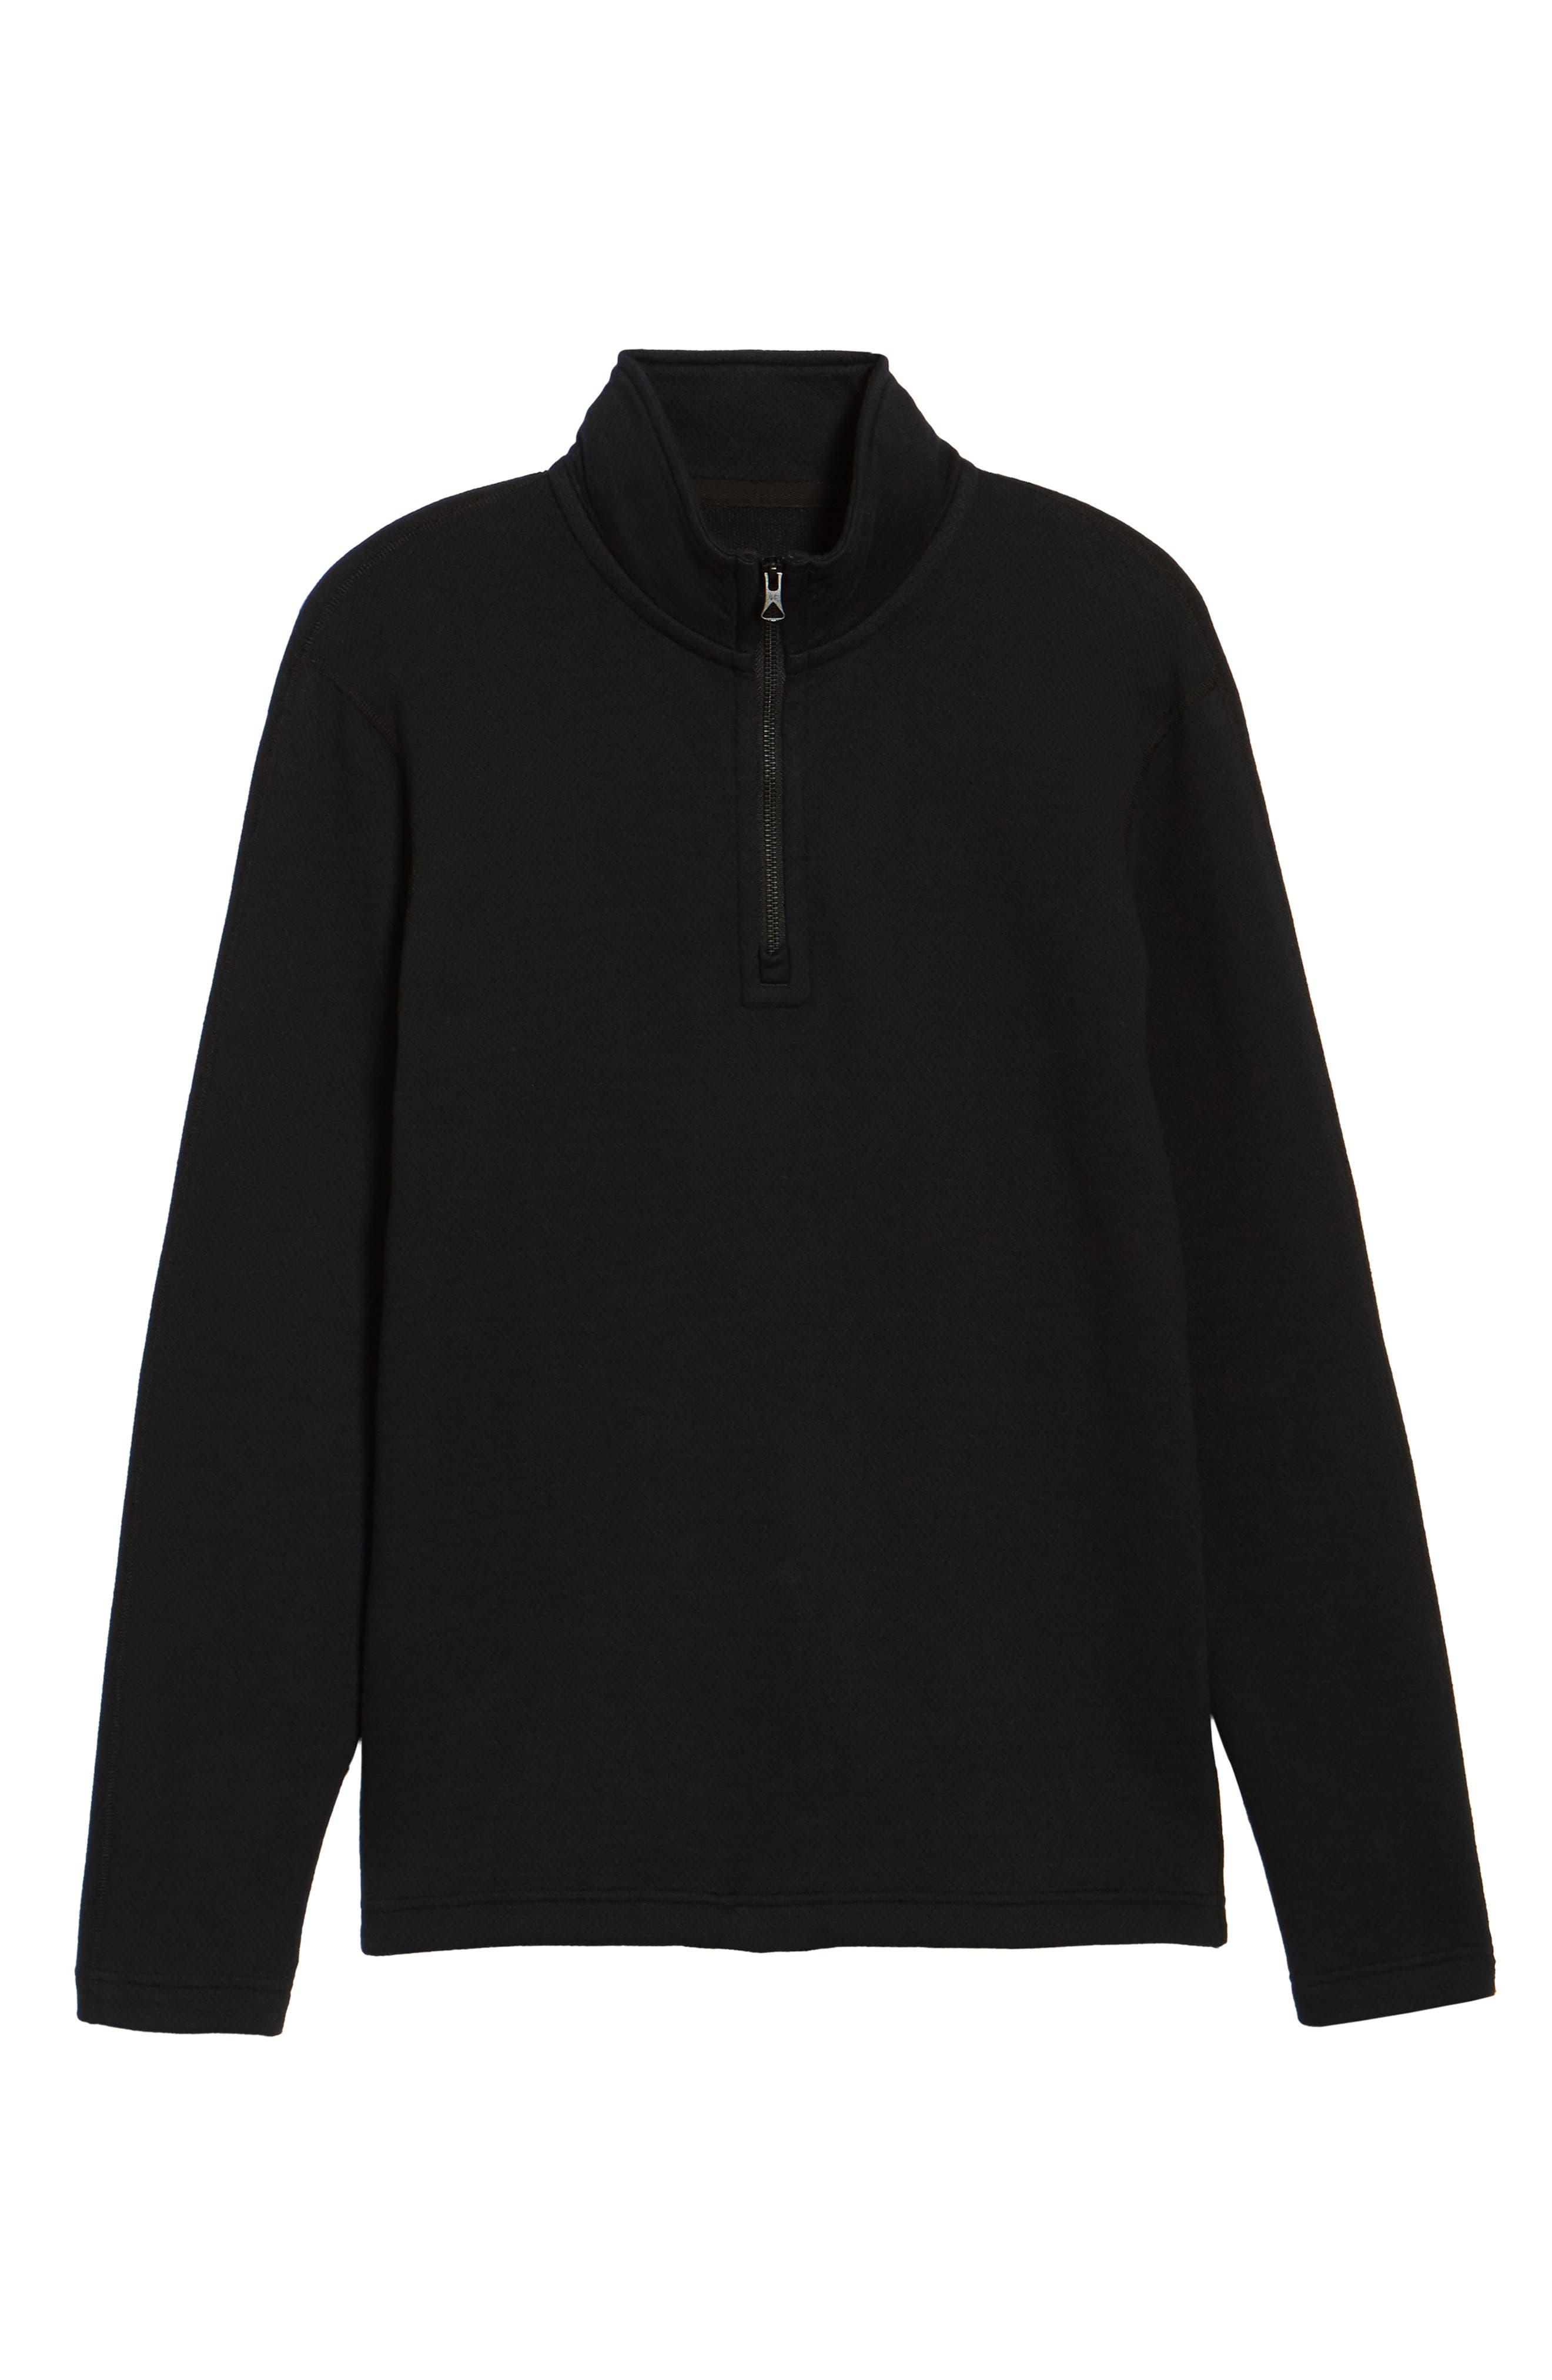 Mesh Half Zip Fleece Top,                             Alternate thumbnail 5, color,                             Black